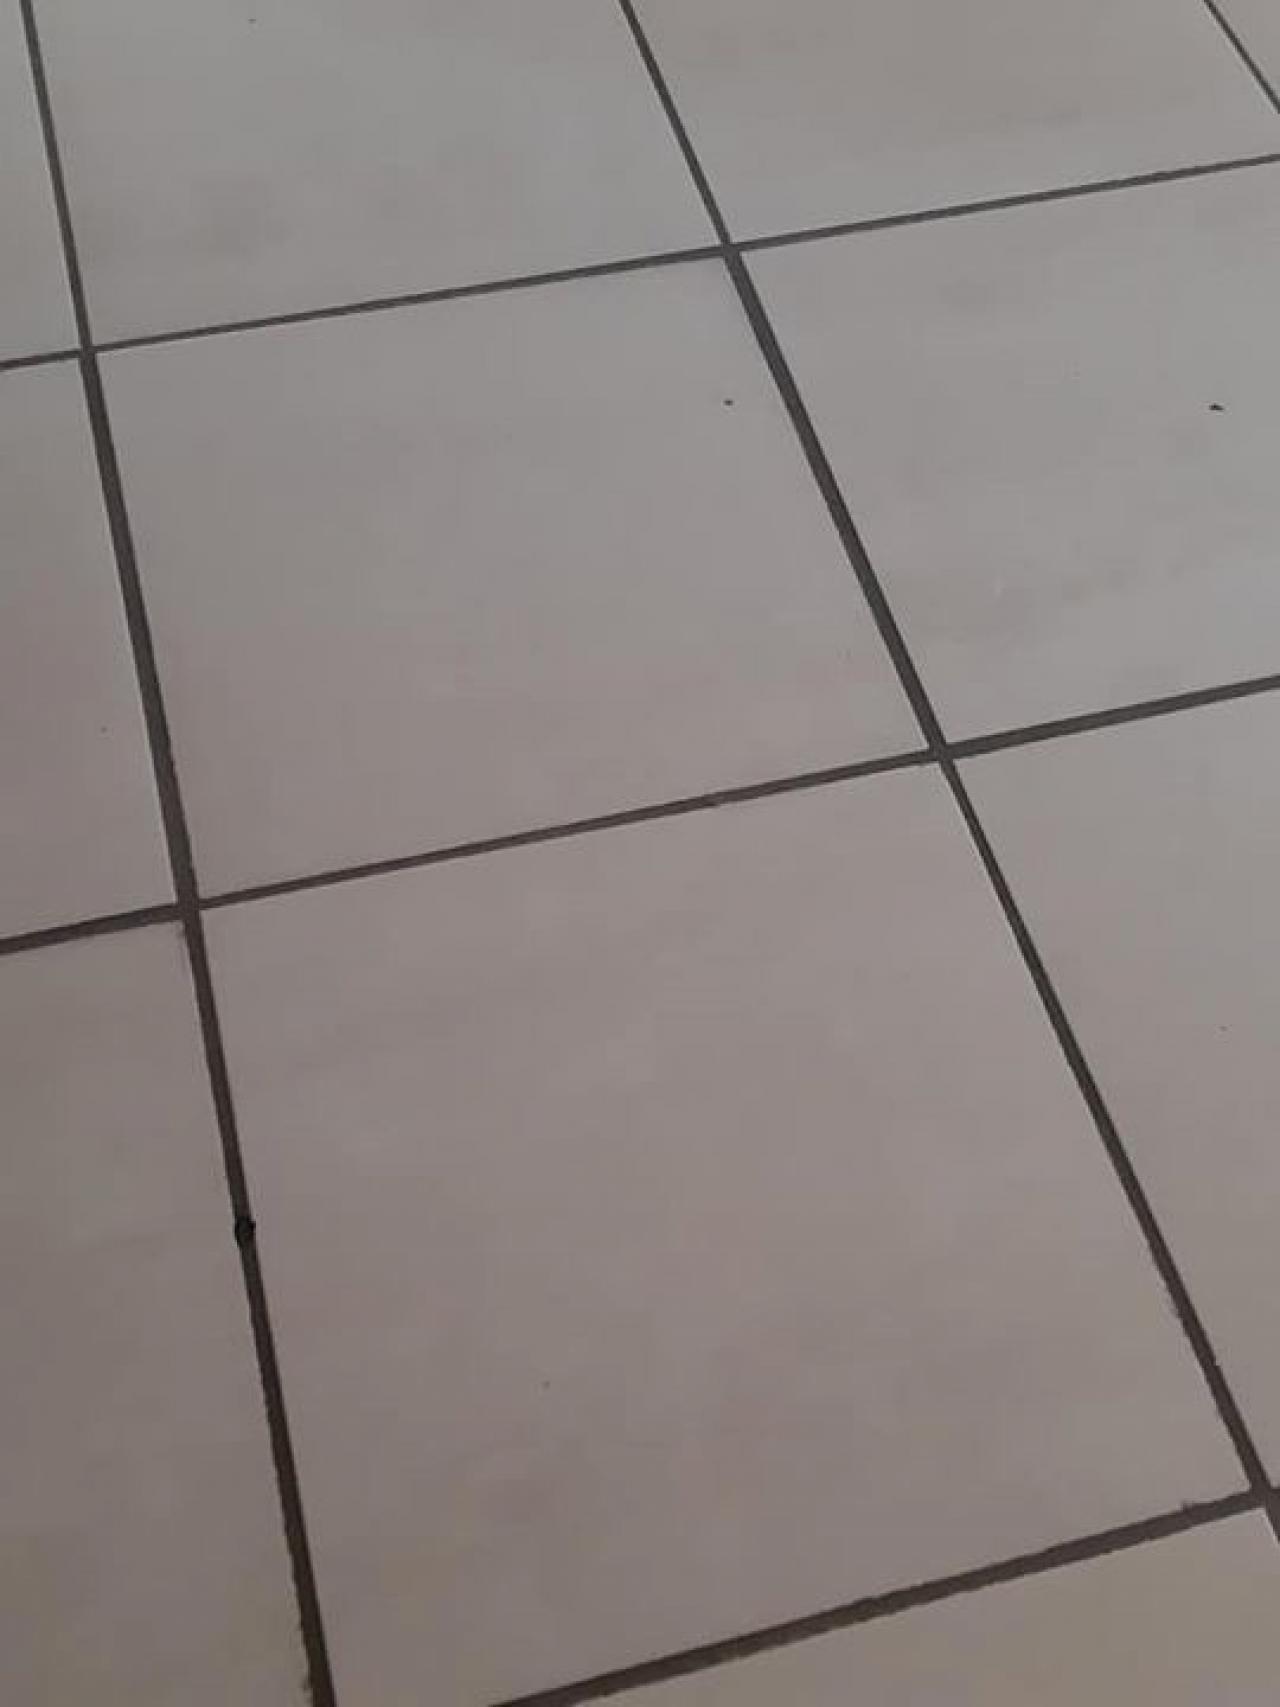 Fuga Minima Pavimento Rettificato larghezza delle fughe non regolare: causato da piastrelle o